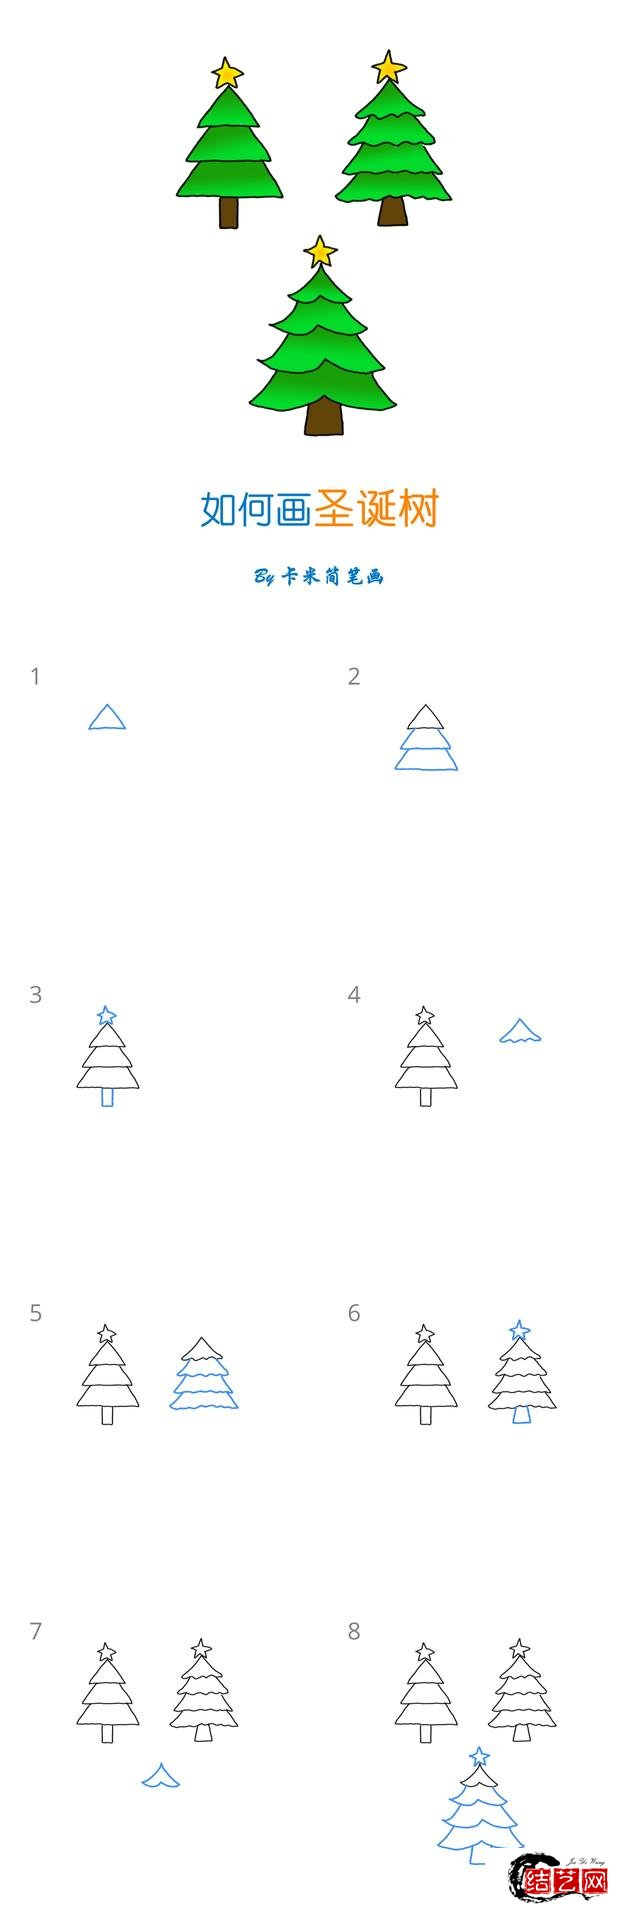 十组圣诞节简笔画教程